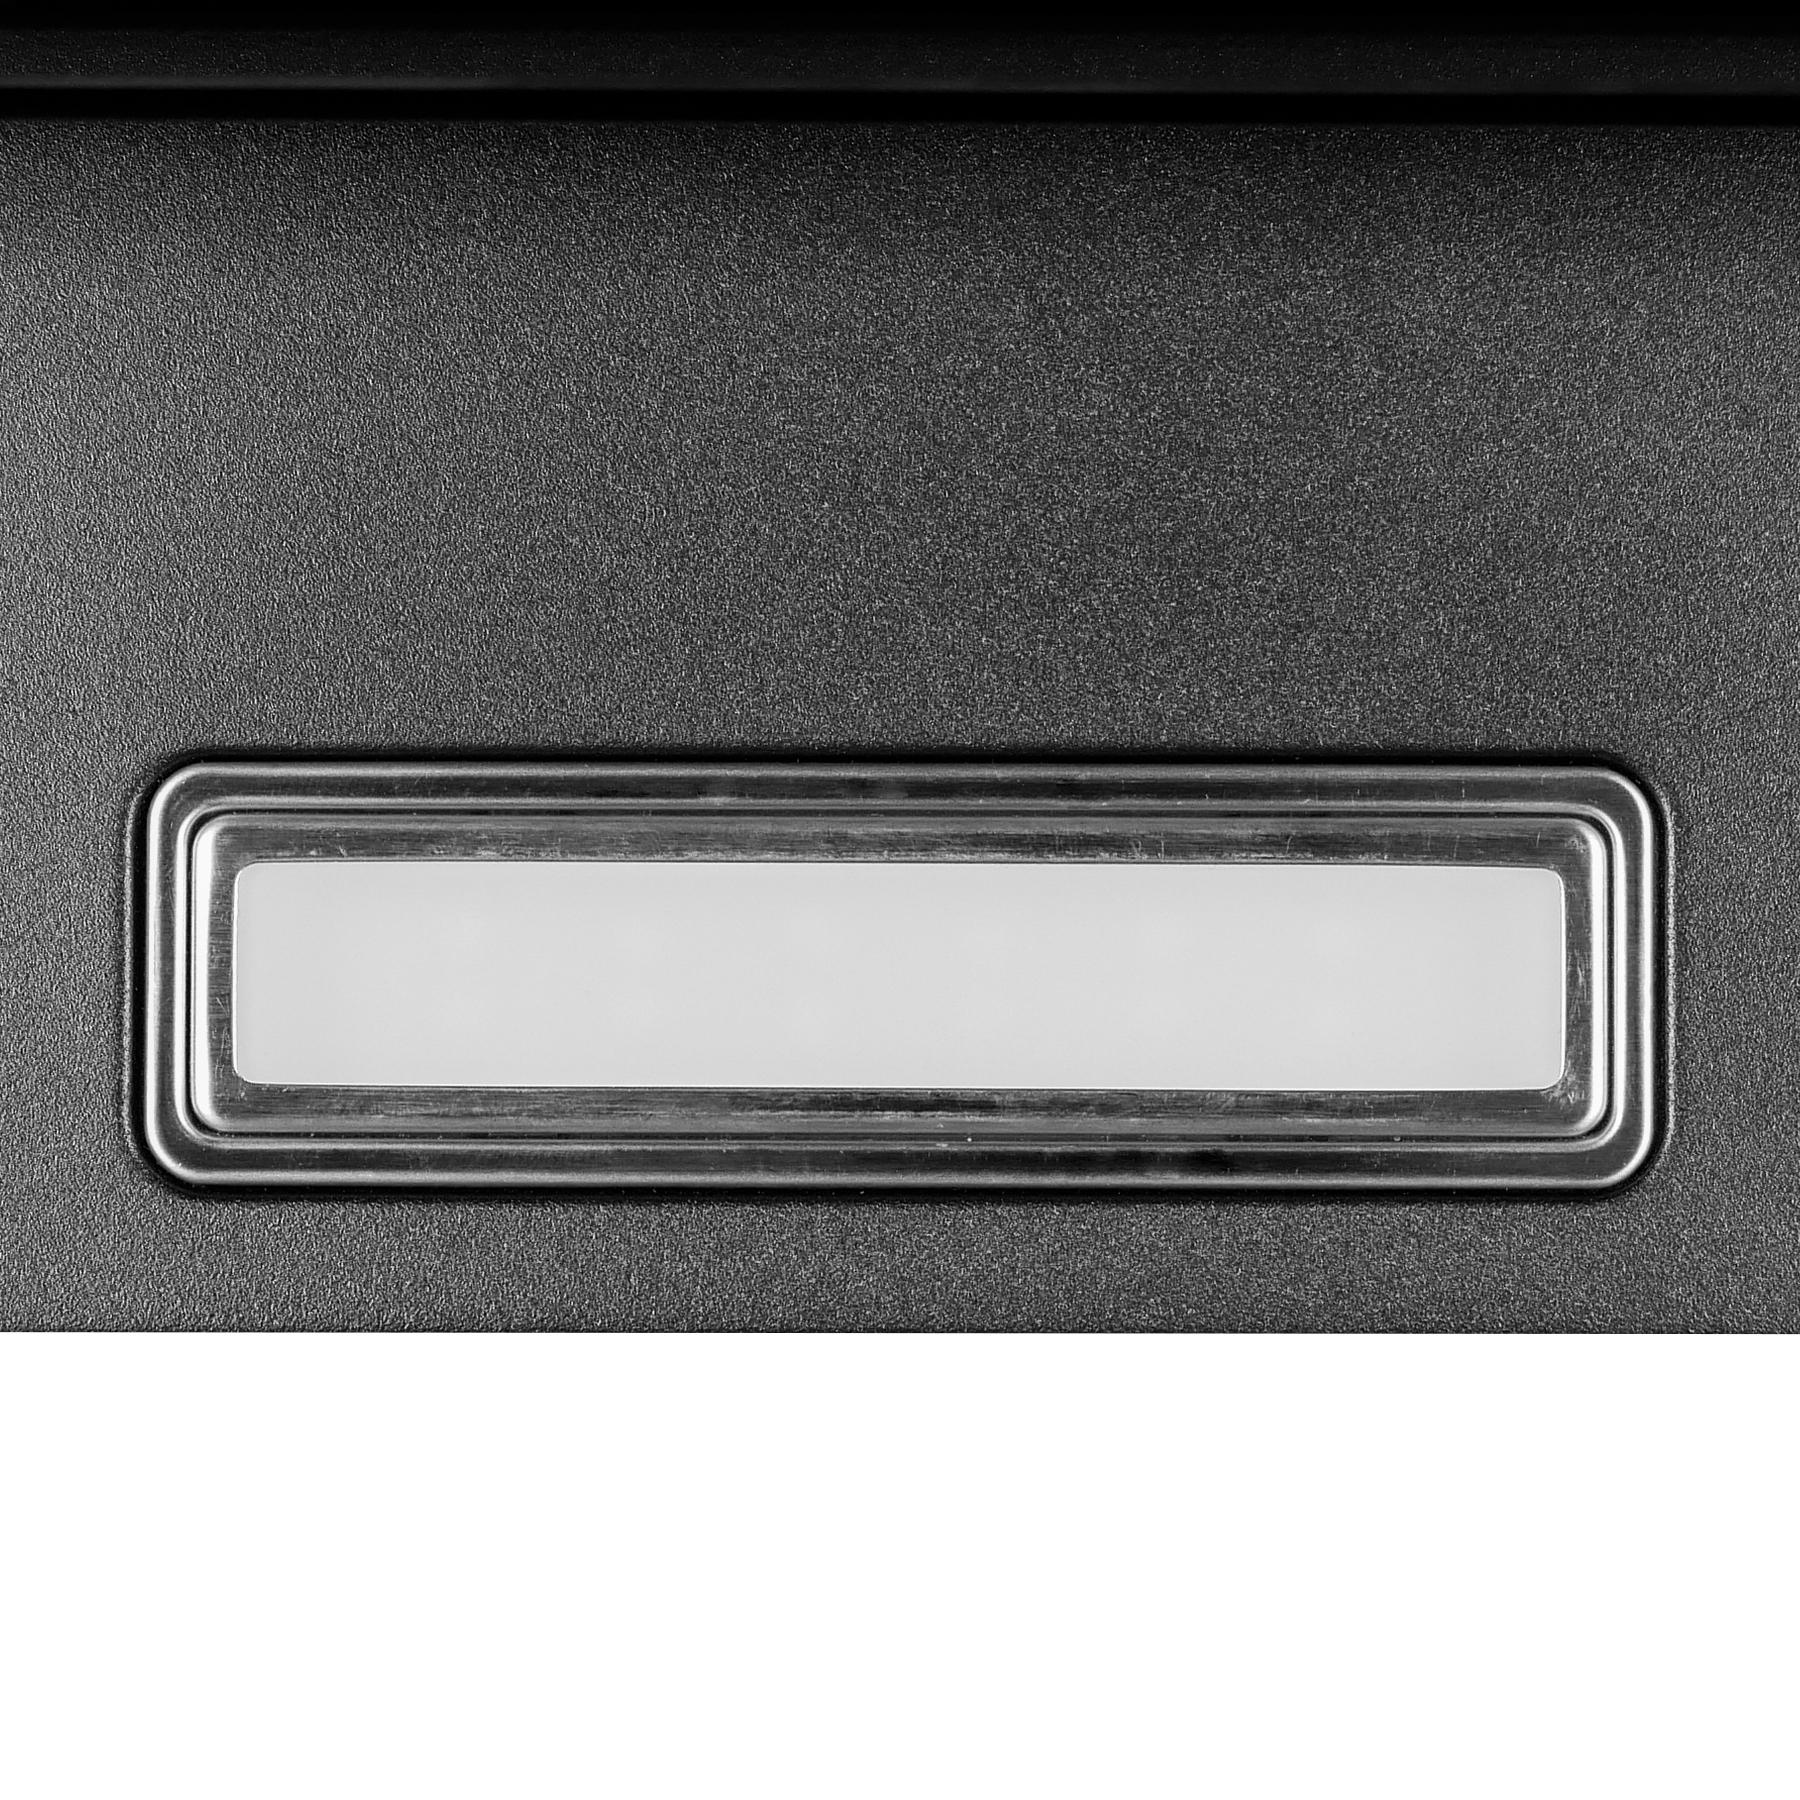 LEX Mika GS 600 Black